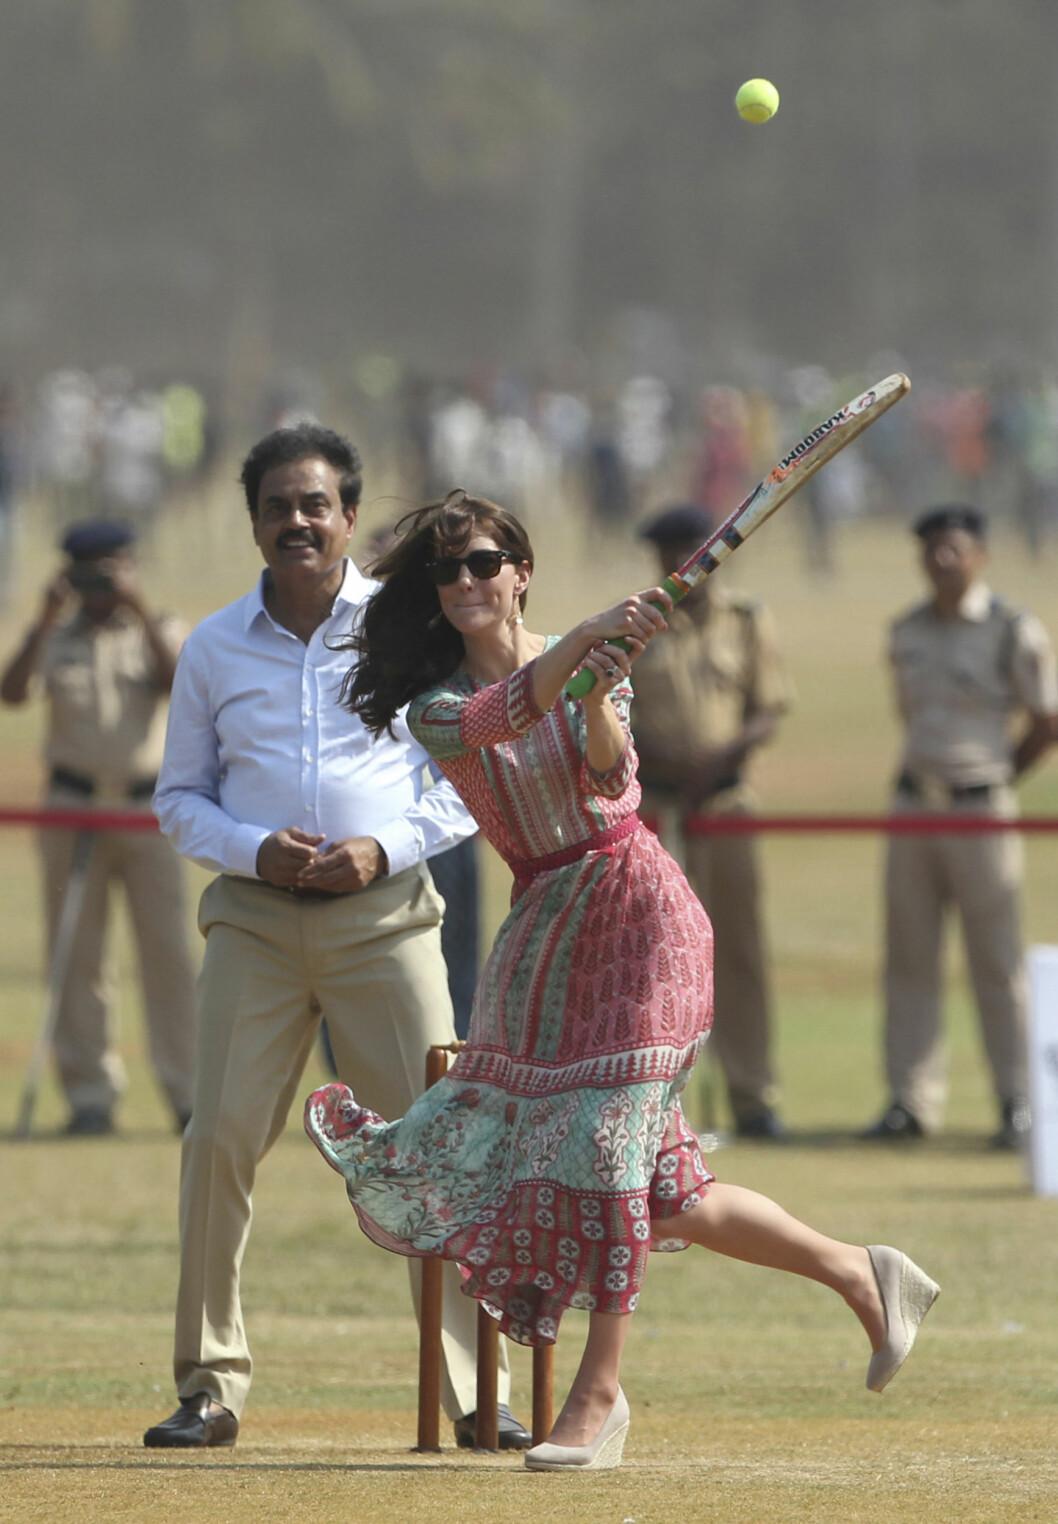 KLINTE TIL: Hertuginne Kate klarte seg bedre på cricketbanen i Mumbai enn på bueskytingsbanen i Thimpu. Den tidligere cricketstjernen Dilip Vengsarkar (t.v) fulgte med. Foto: Ap